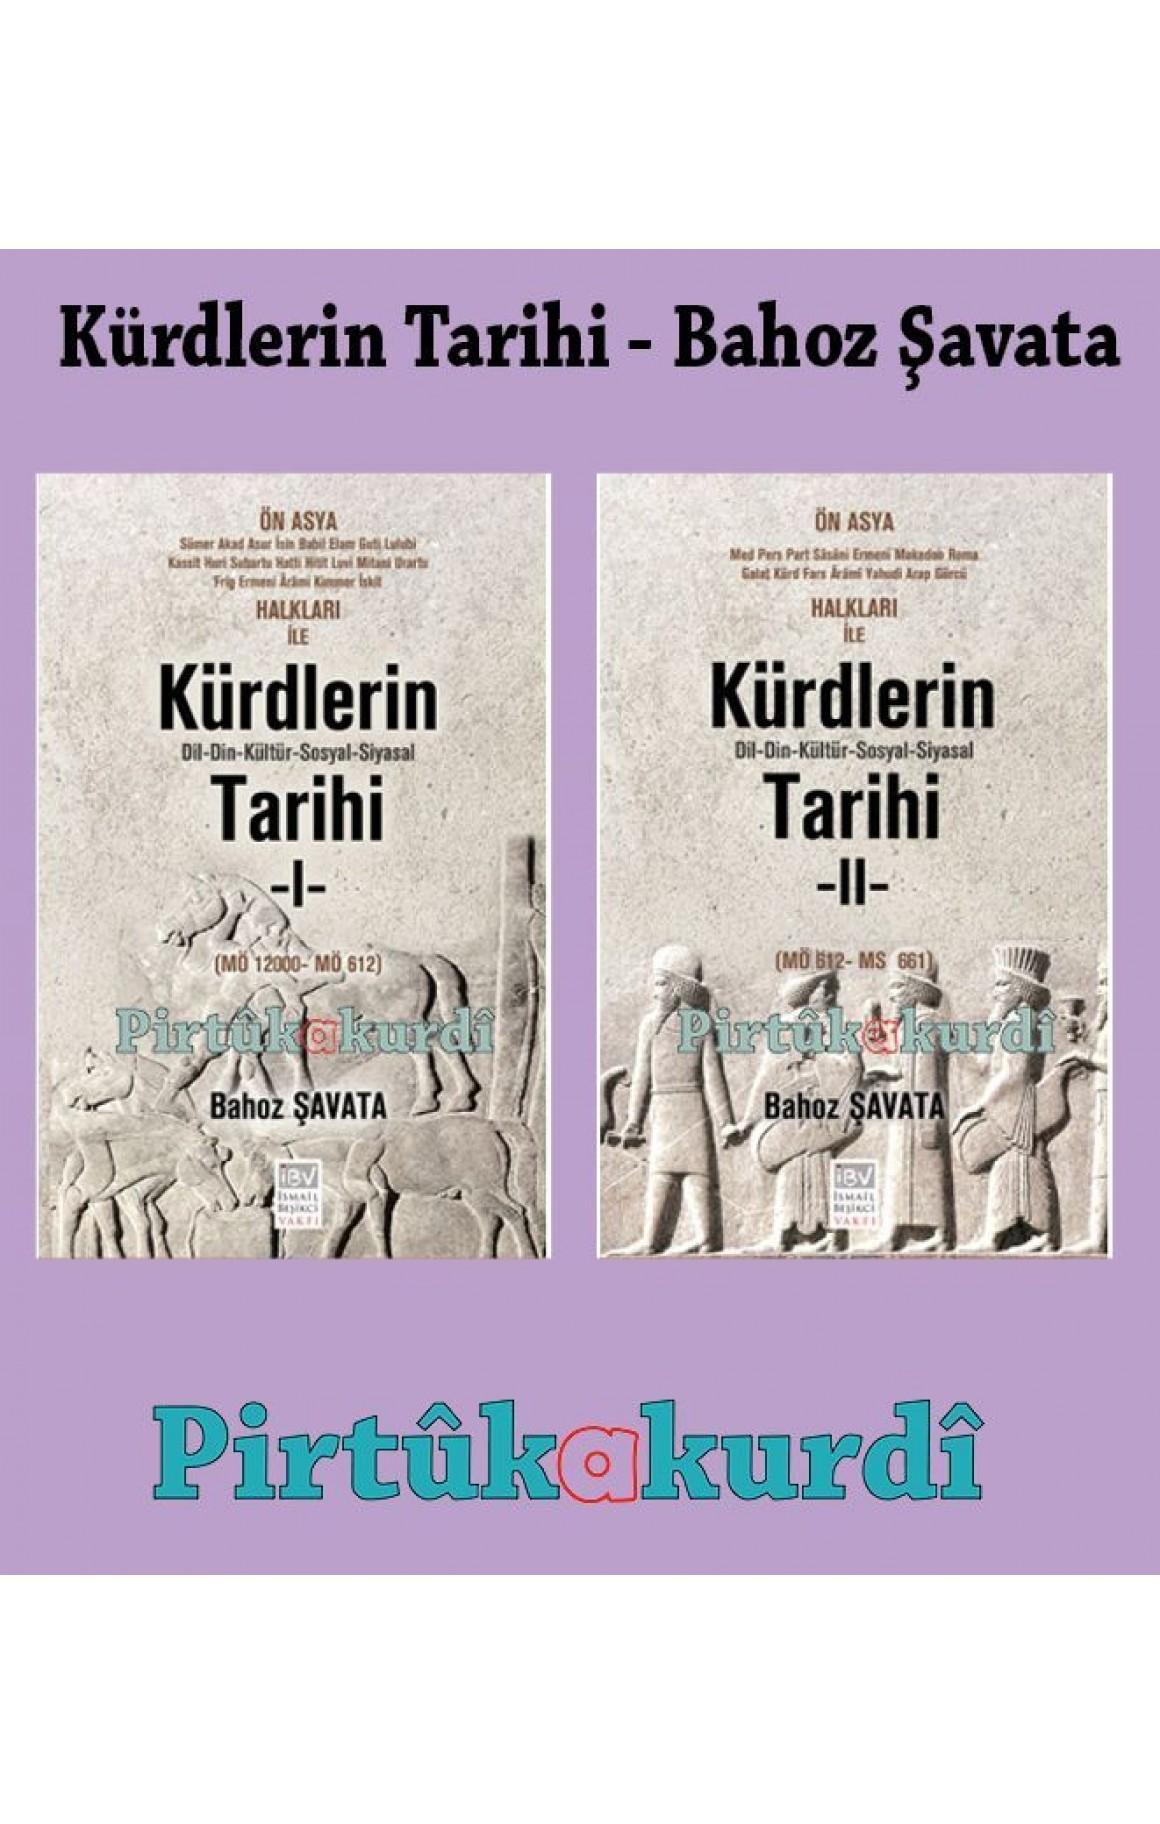 Kürdlerin Tarihi Seti Bahoz Şavata